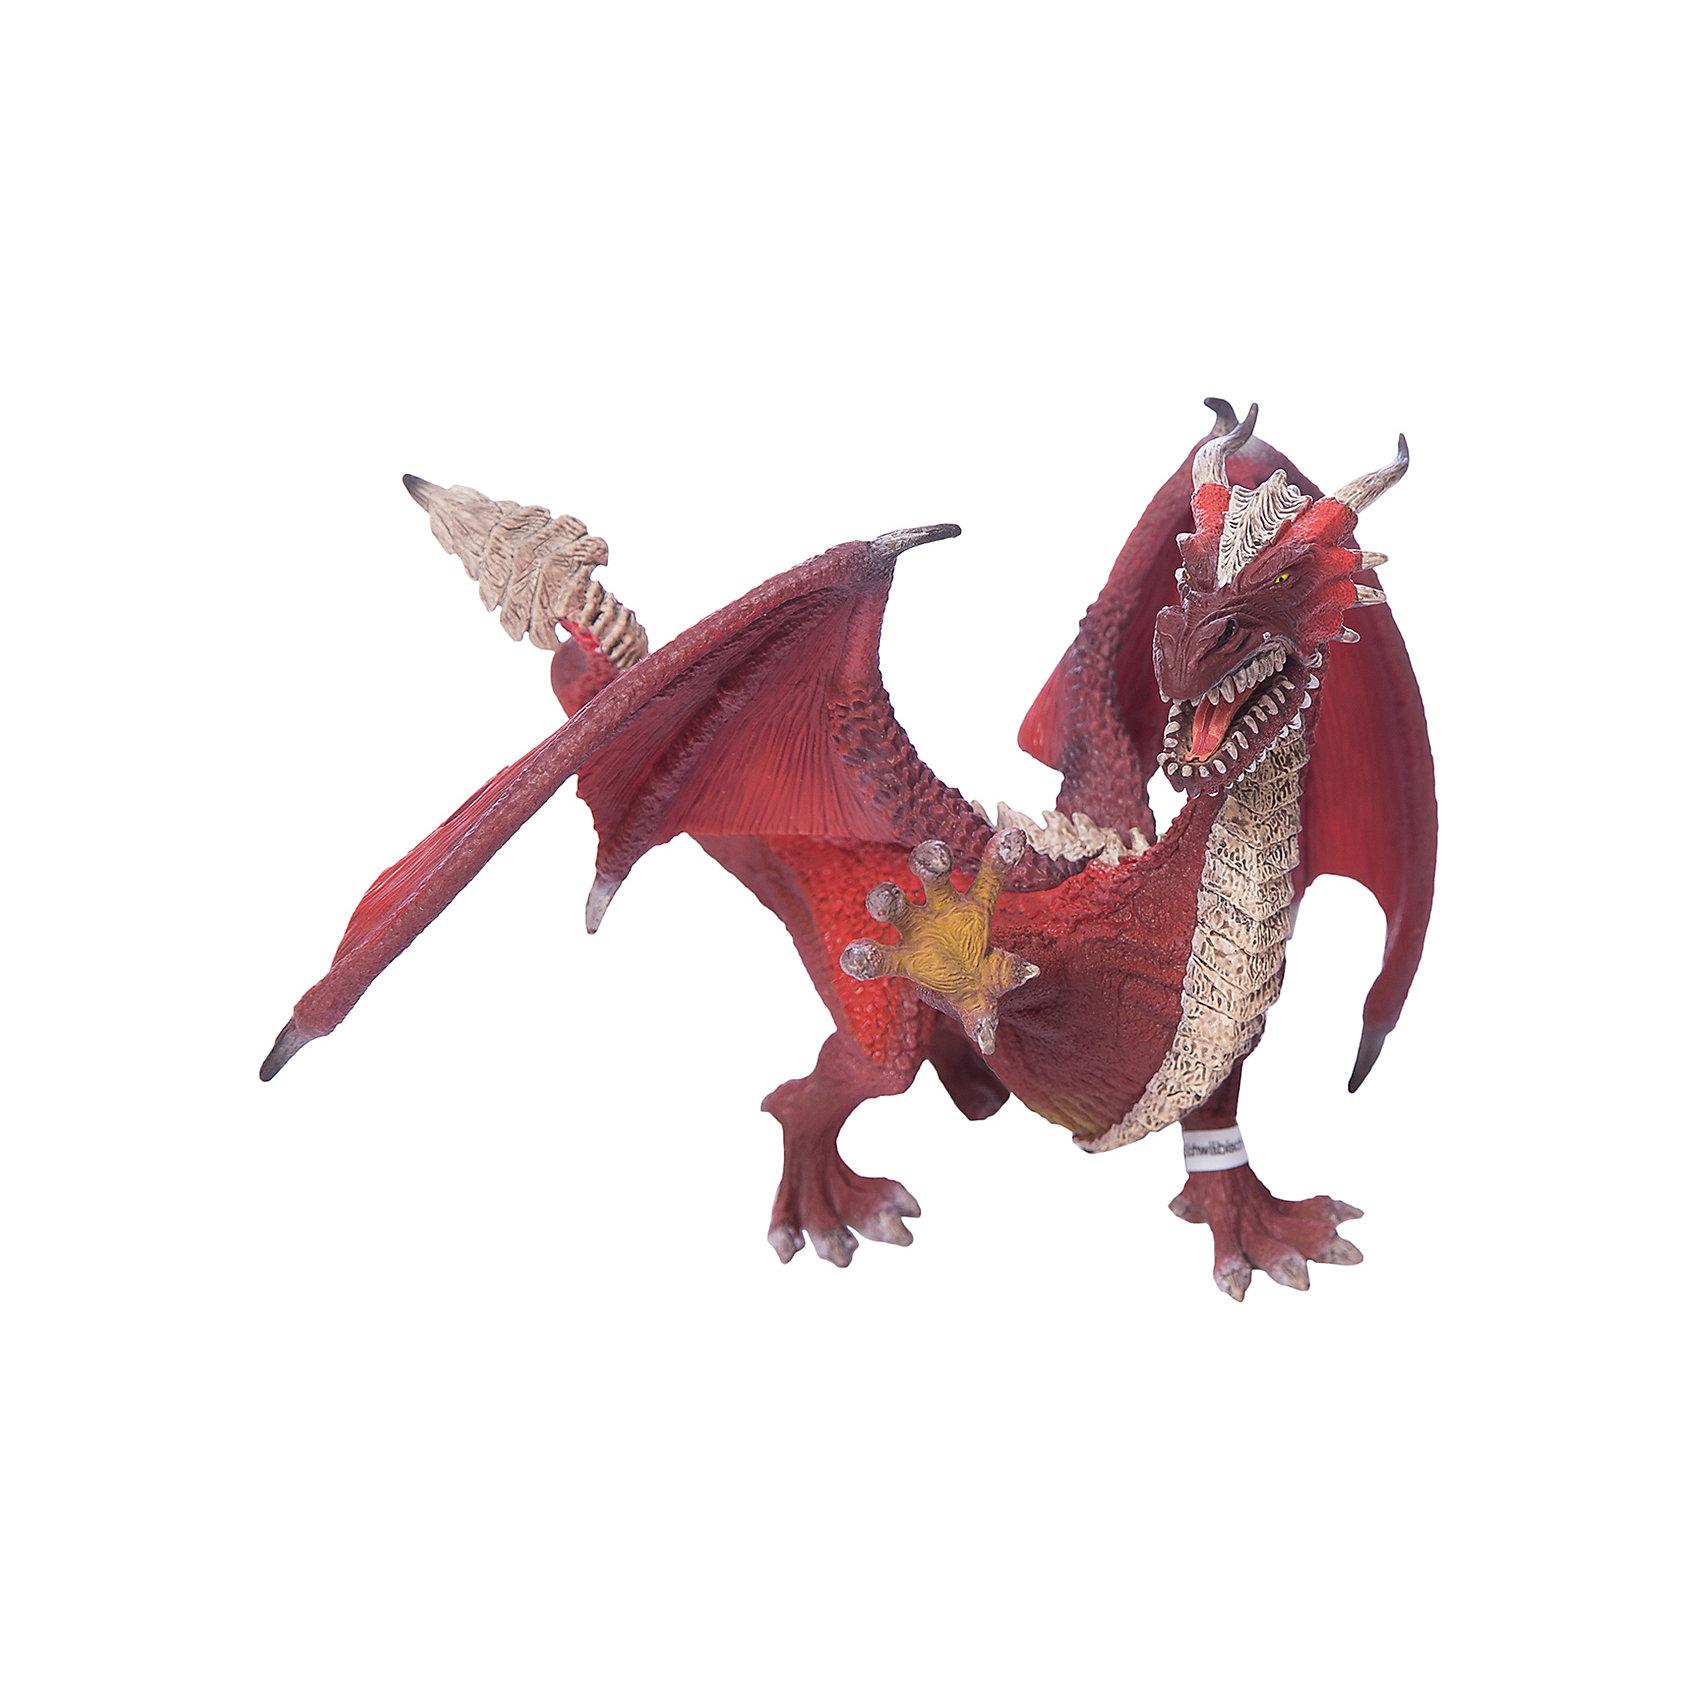 Дракон Воин, SchleichДраконы и динозавры<br>Дракон Воин, Schleich (Шляйх) – это высококачественная игровая фигурка.<br>Дракон Воин из серии Рыцари от Schleich (Шляйх) - восхитительная фигурка дракона, которая сделает игры с рыцарями и воинами еще увлекательнее. Дракон Воин самый умный из всех драконов. У него самое мощное и самое сильное пламя. В сочетании с его интеллектуальными способностями, острые зубы, мощные, сильные когтистые лапы, хвост и пламя, а также выдающиеся лётные качества, наносят разрушительный урон строениям и живой силе противника. Великие познания в тактике ведения боя, умение предвидеть ситуацию на несколько шагов вперёд - ему бы в полководцы! <br>Прекрасно выполненные фигурки Schleich (Шляйх) отличаются высочайшим качеством игрушек ручной работы. Каждая фигурка разработана с учетом исследований в области педагогики и производится как настоящее произведение для маленьких детских ручек. Все фигурки Schleich (Шляйх) сделаны из гипоаллергенных высокотехнологичных материалов, раскрашены вручную и не вызывают аллергии у ребенка.<br><br>Дополнительная информация:<br><br>- Размер фигурки: 21,5 х 15,5 х 13,5 см.<br>- Материал: высококачественный каучуковый пластик<br><br>Фигурку Дракон Воин, Schleich (Шляйх) можно купить в нашем интернет-магазине.<br><br>Ширина мм: 200<br>Глубина мм: 154<br>Высота мм: 162<br>Вес г: 204<br>Возраст от месяцев: 36<br>Возраст до месяцев: 96<br>Пол: Мужской<br>Возраст: Детский<br>SKU: 3875879